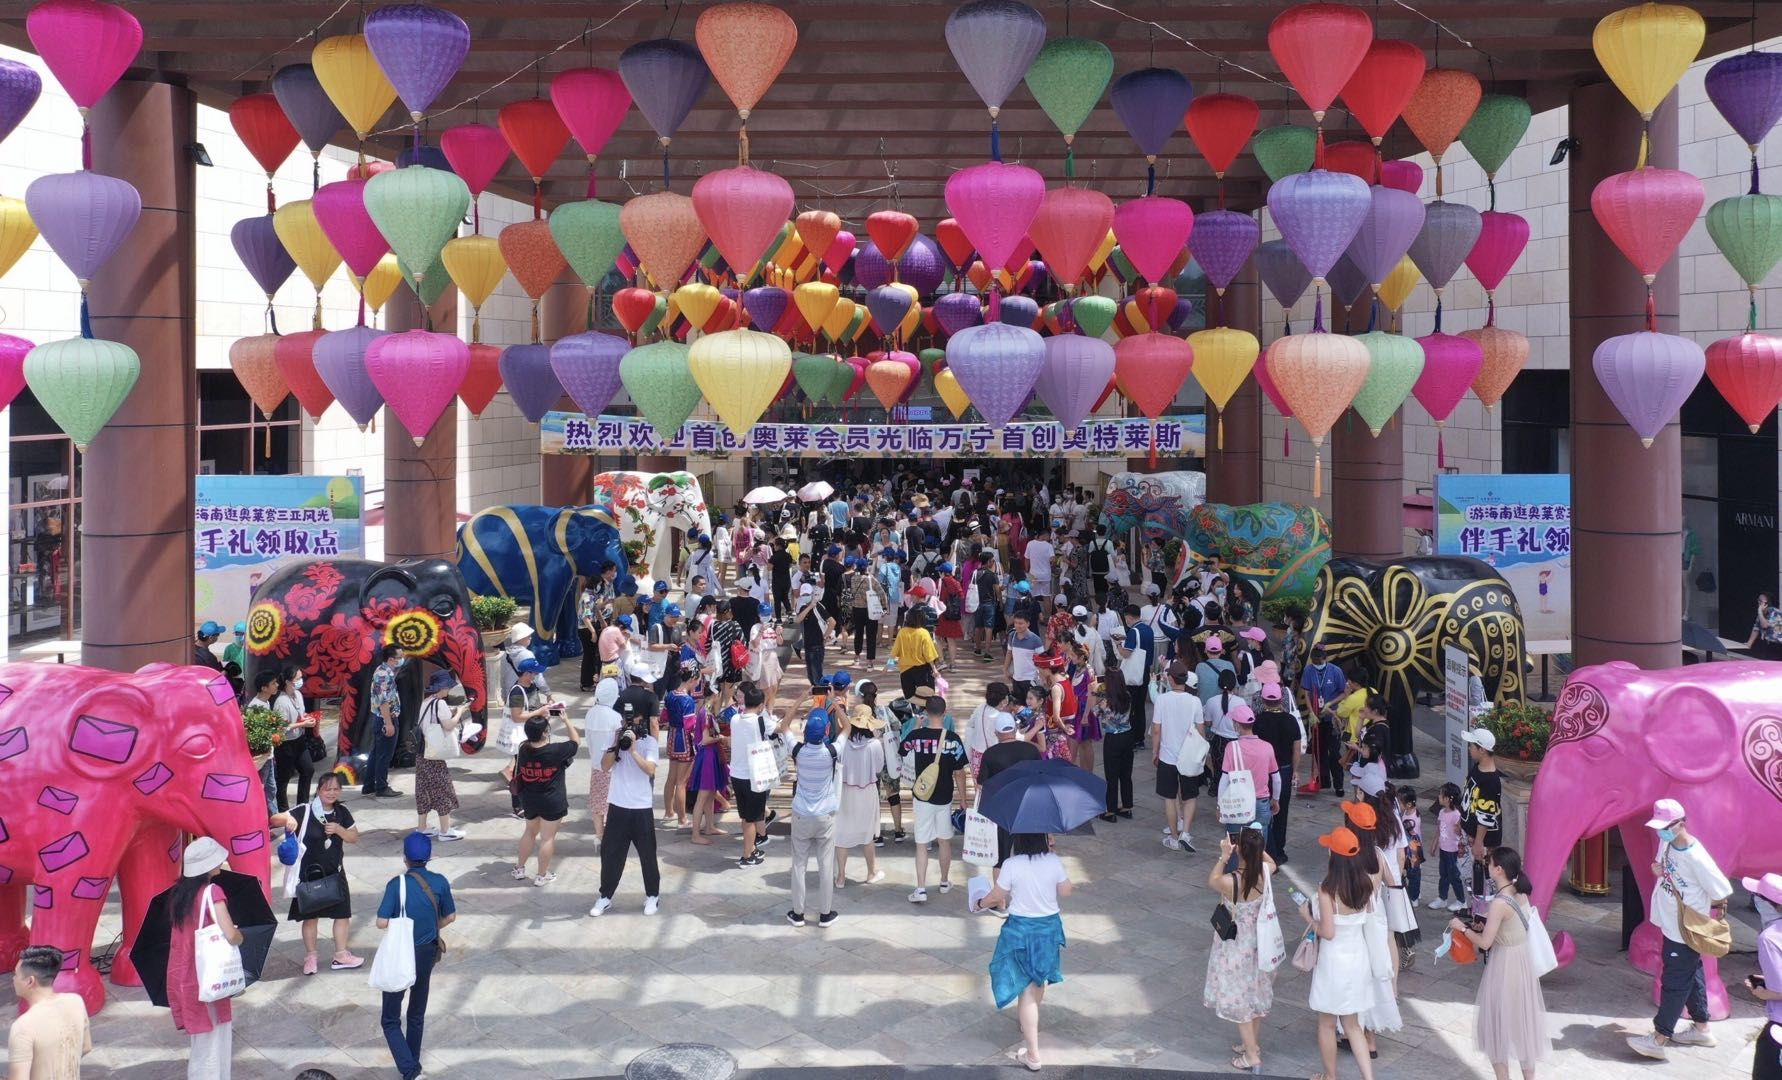 近千名会员参加万宁首创奥莱回馈活动,带动销售额增长160%